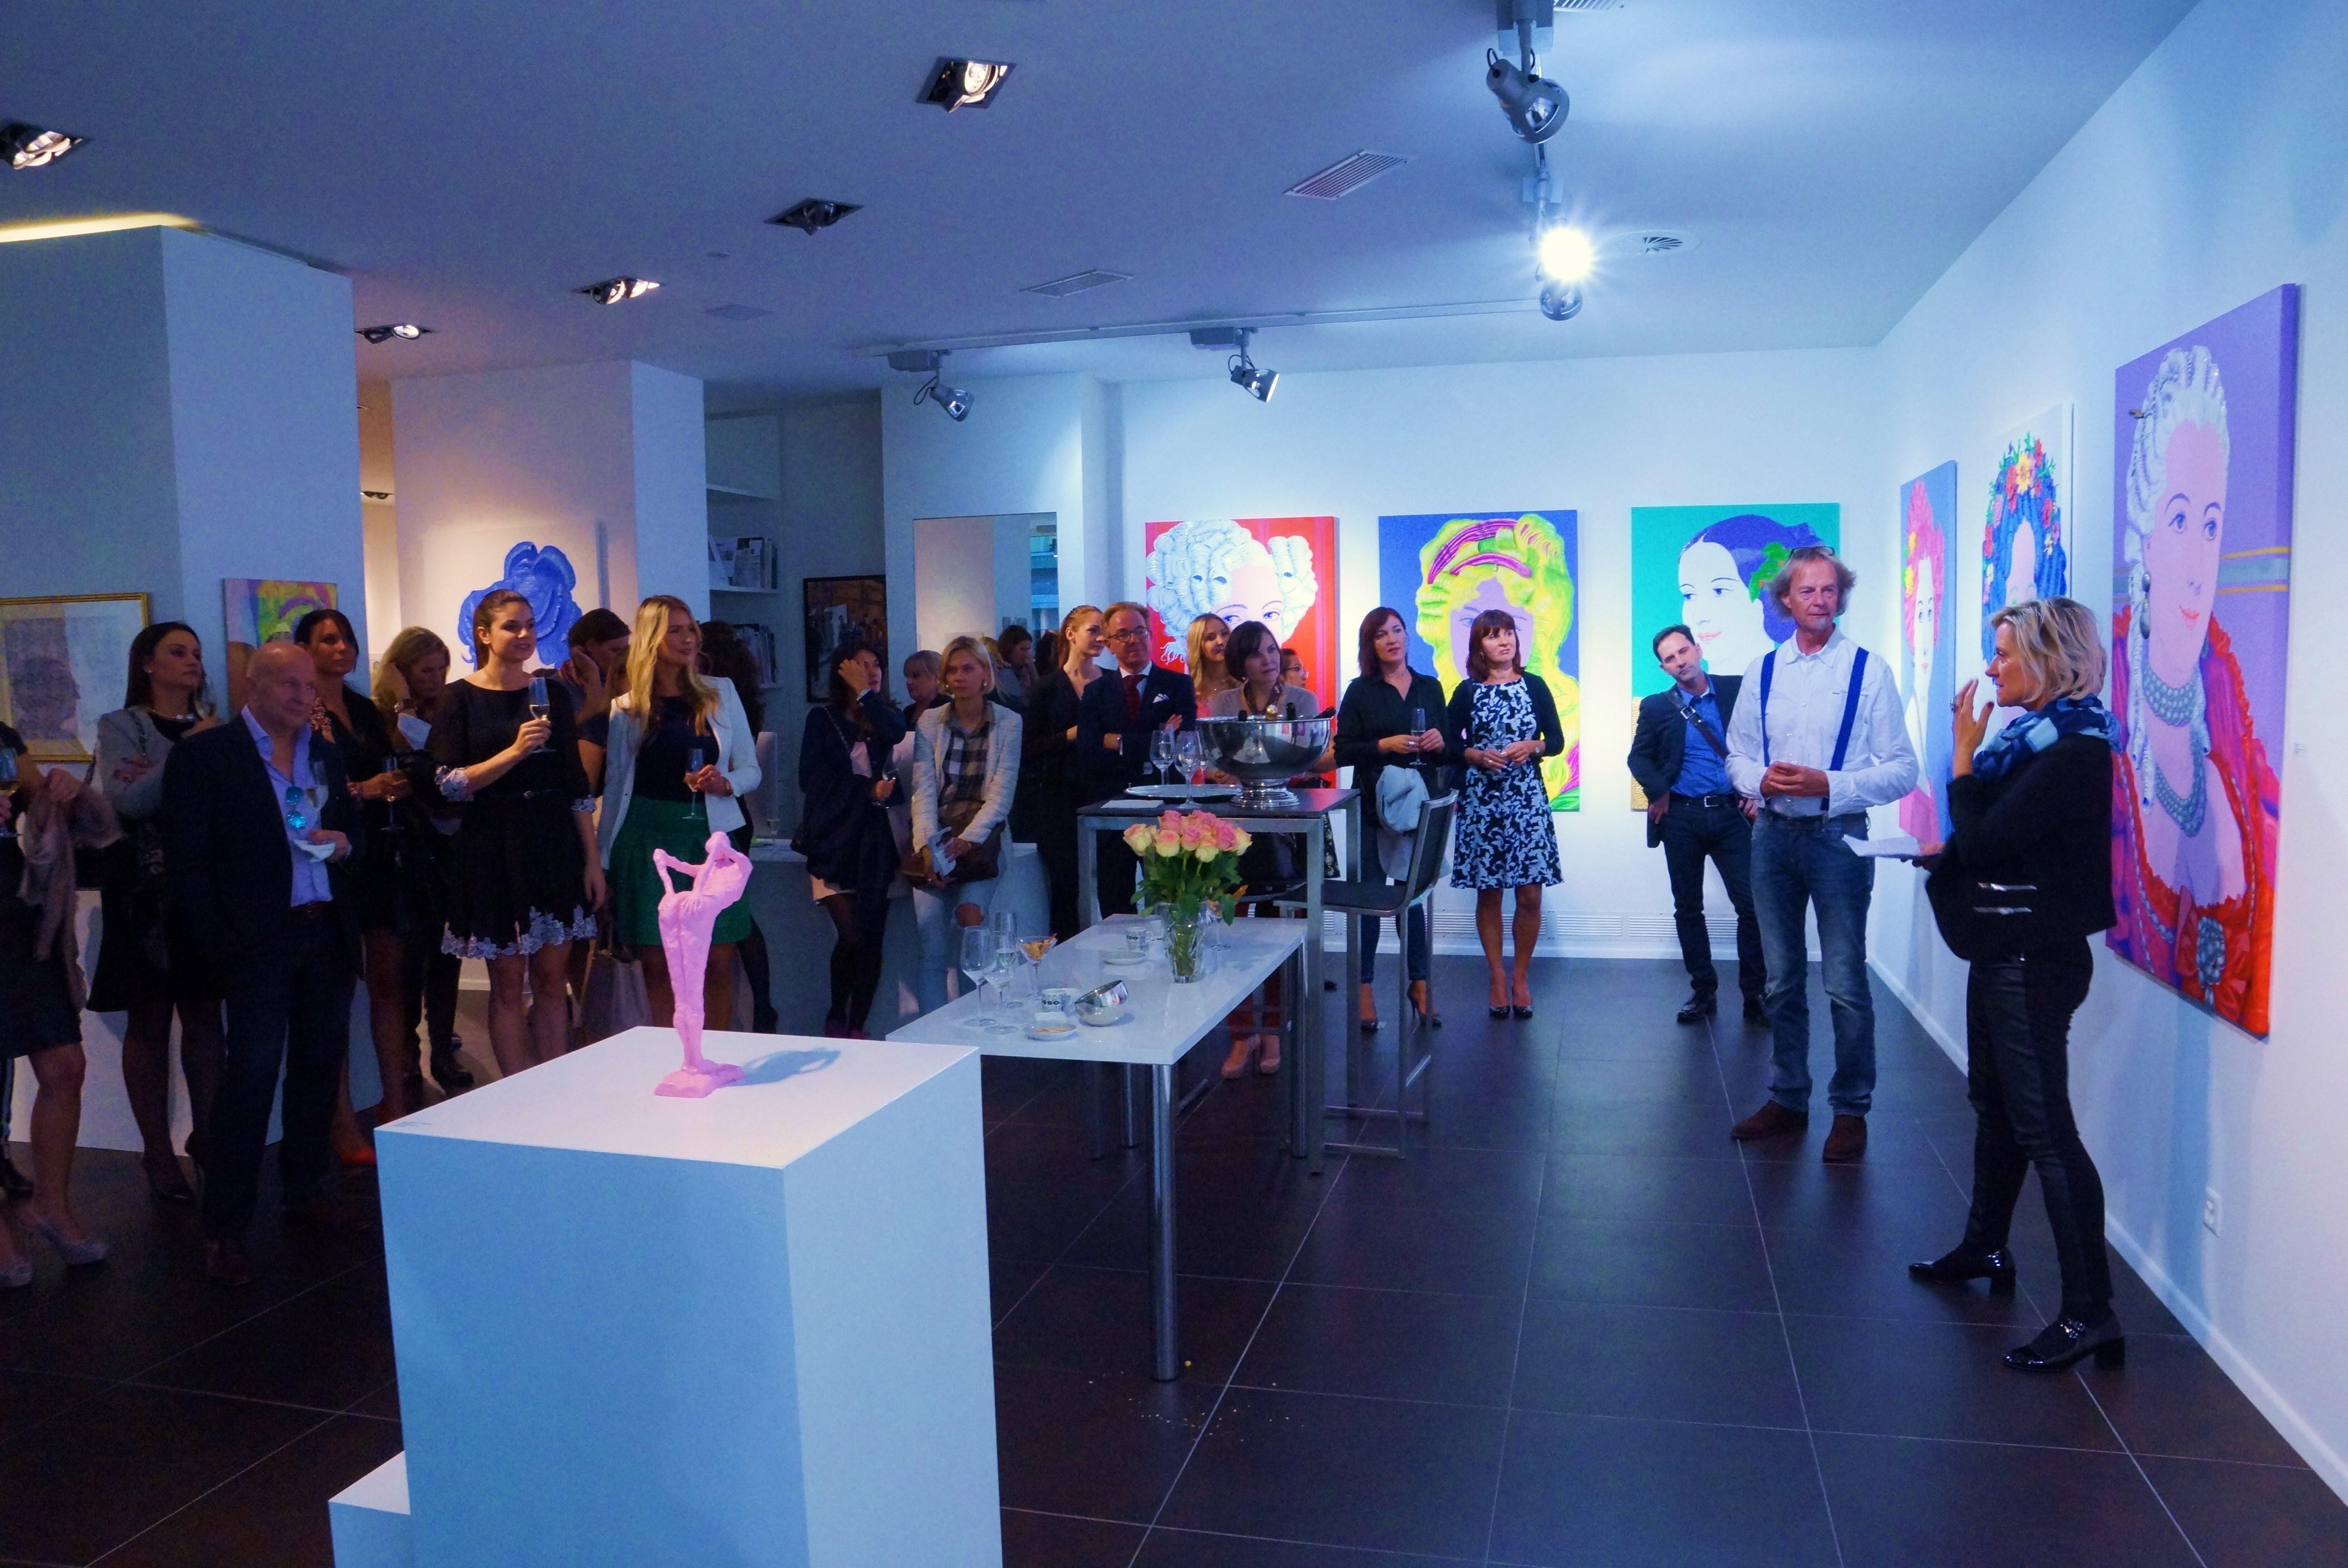 Vernissage Galerie INA DEDERER / ZURICH September 10th, 2015